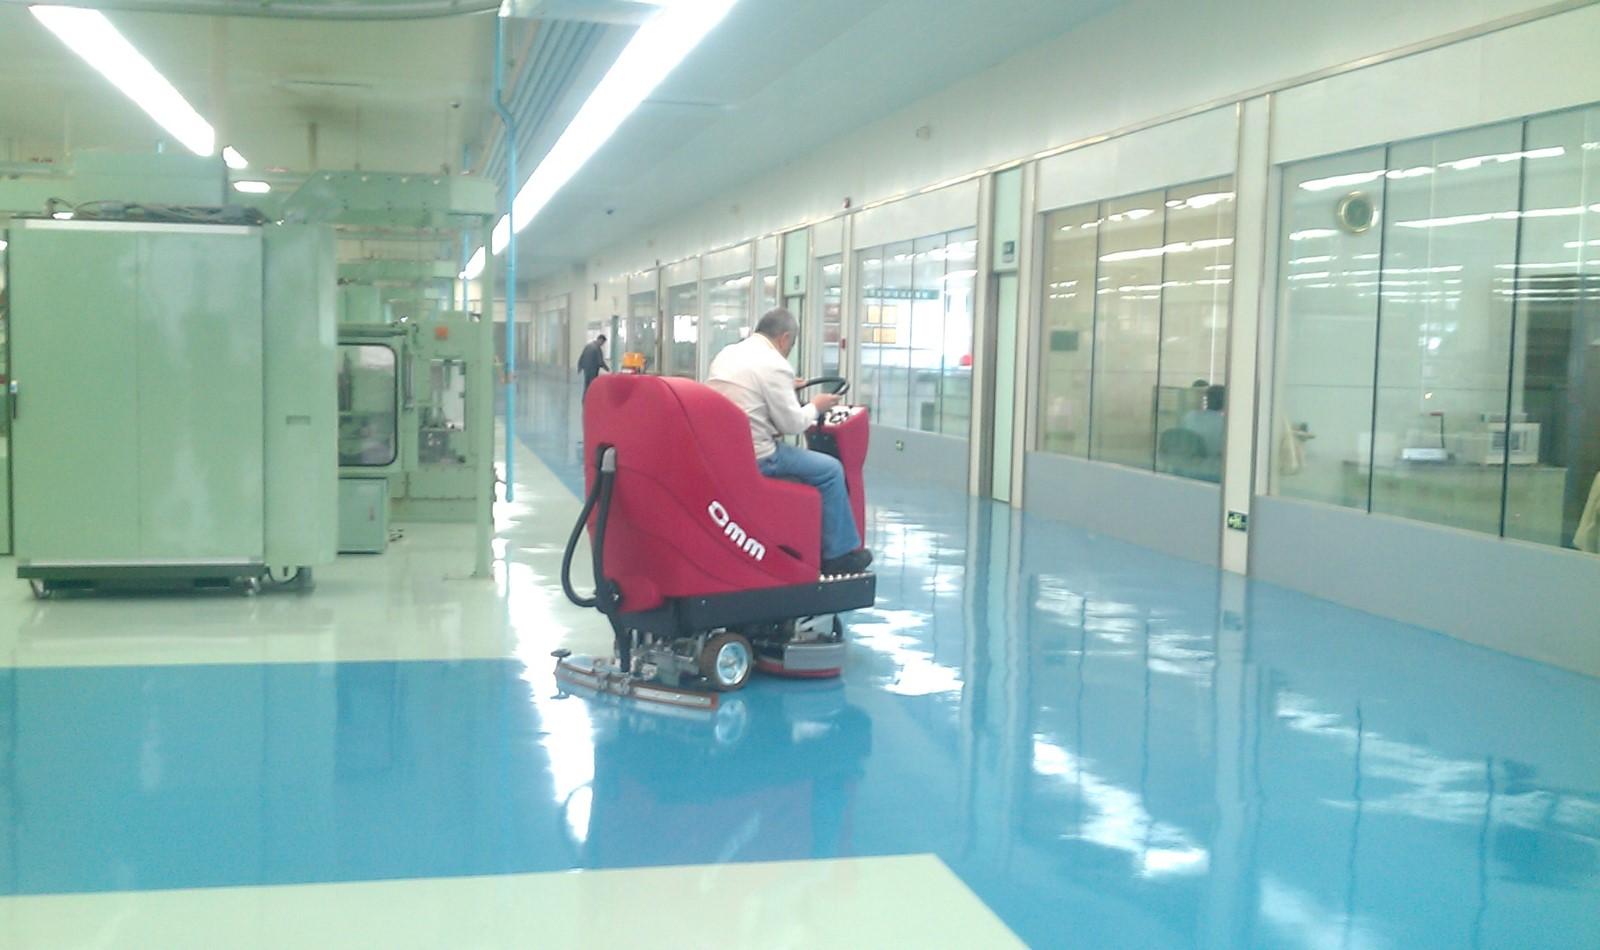 TROJAN电池_光电池相关-上海迅宜机电设备有限公司